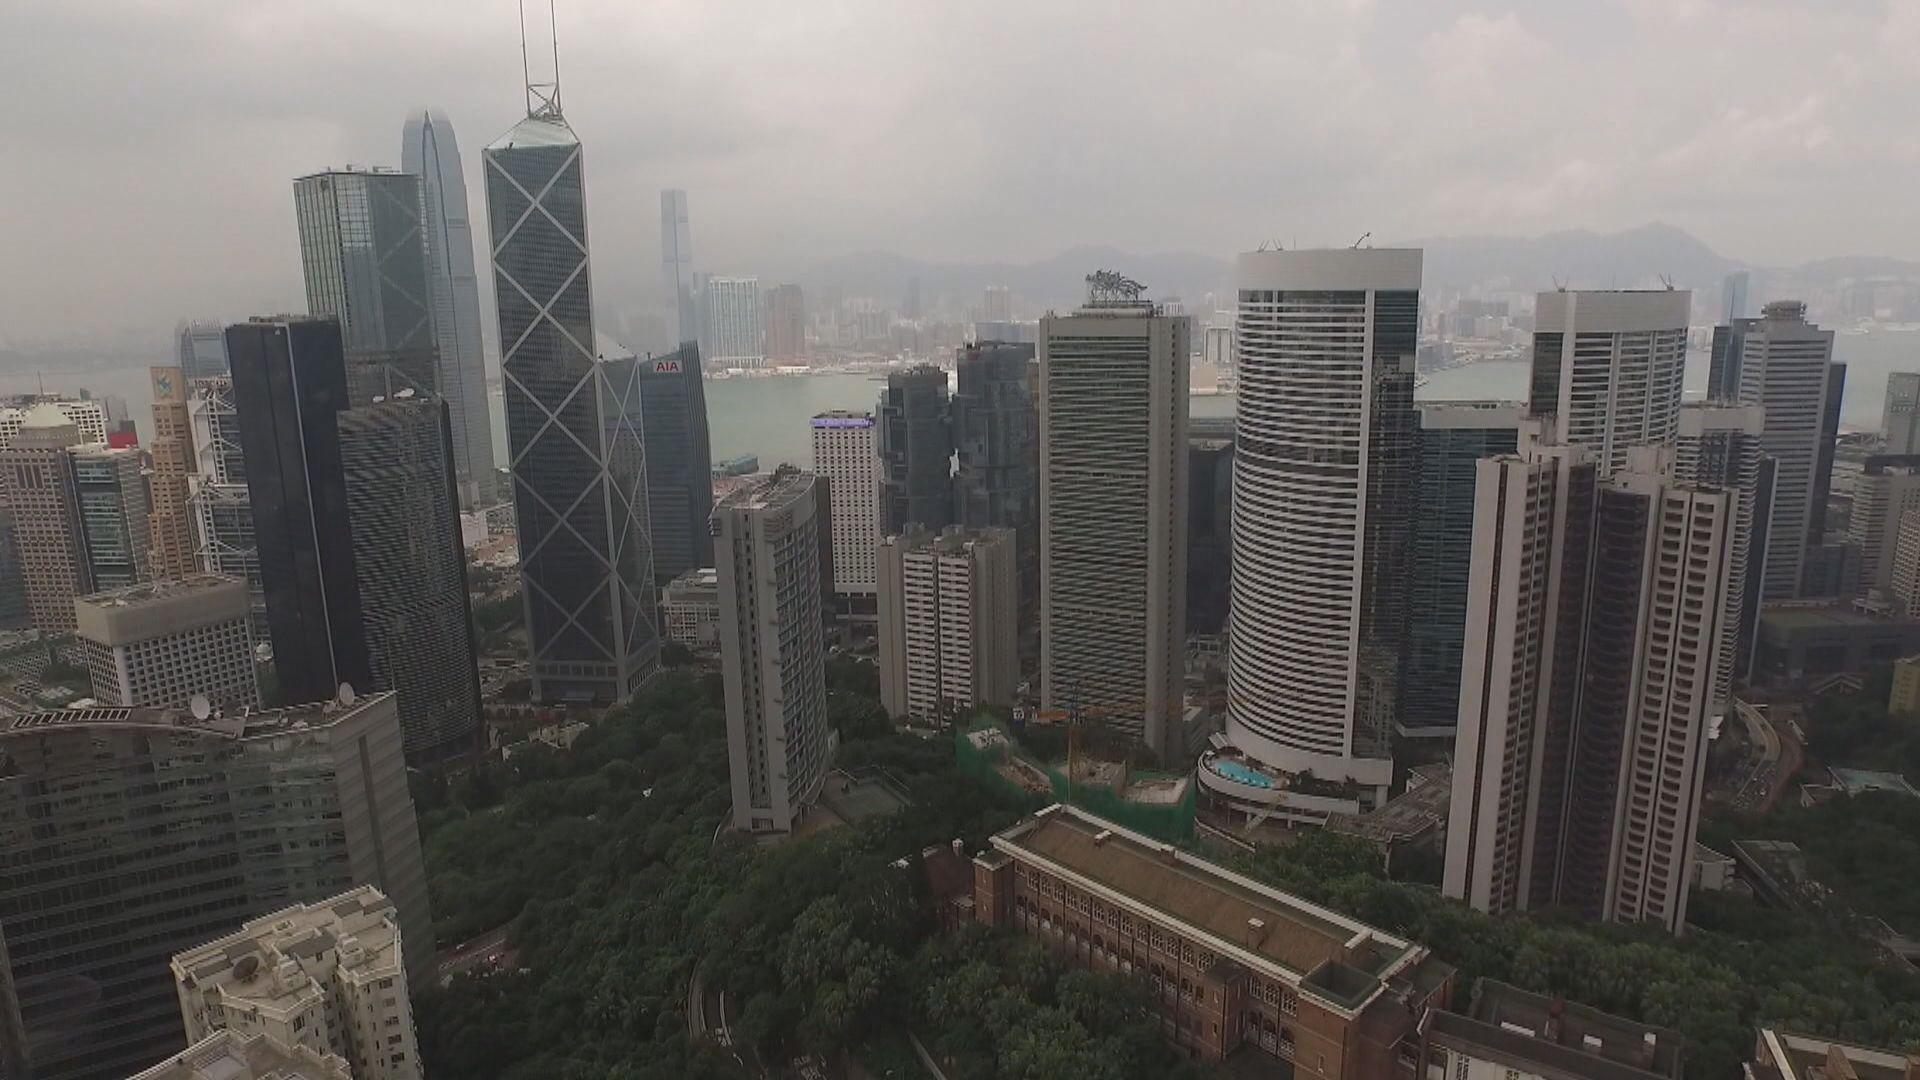 外交部促美國認清形勢 停止干涉香港事務和中國內政